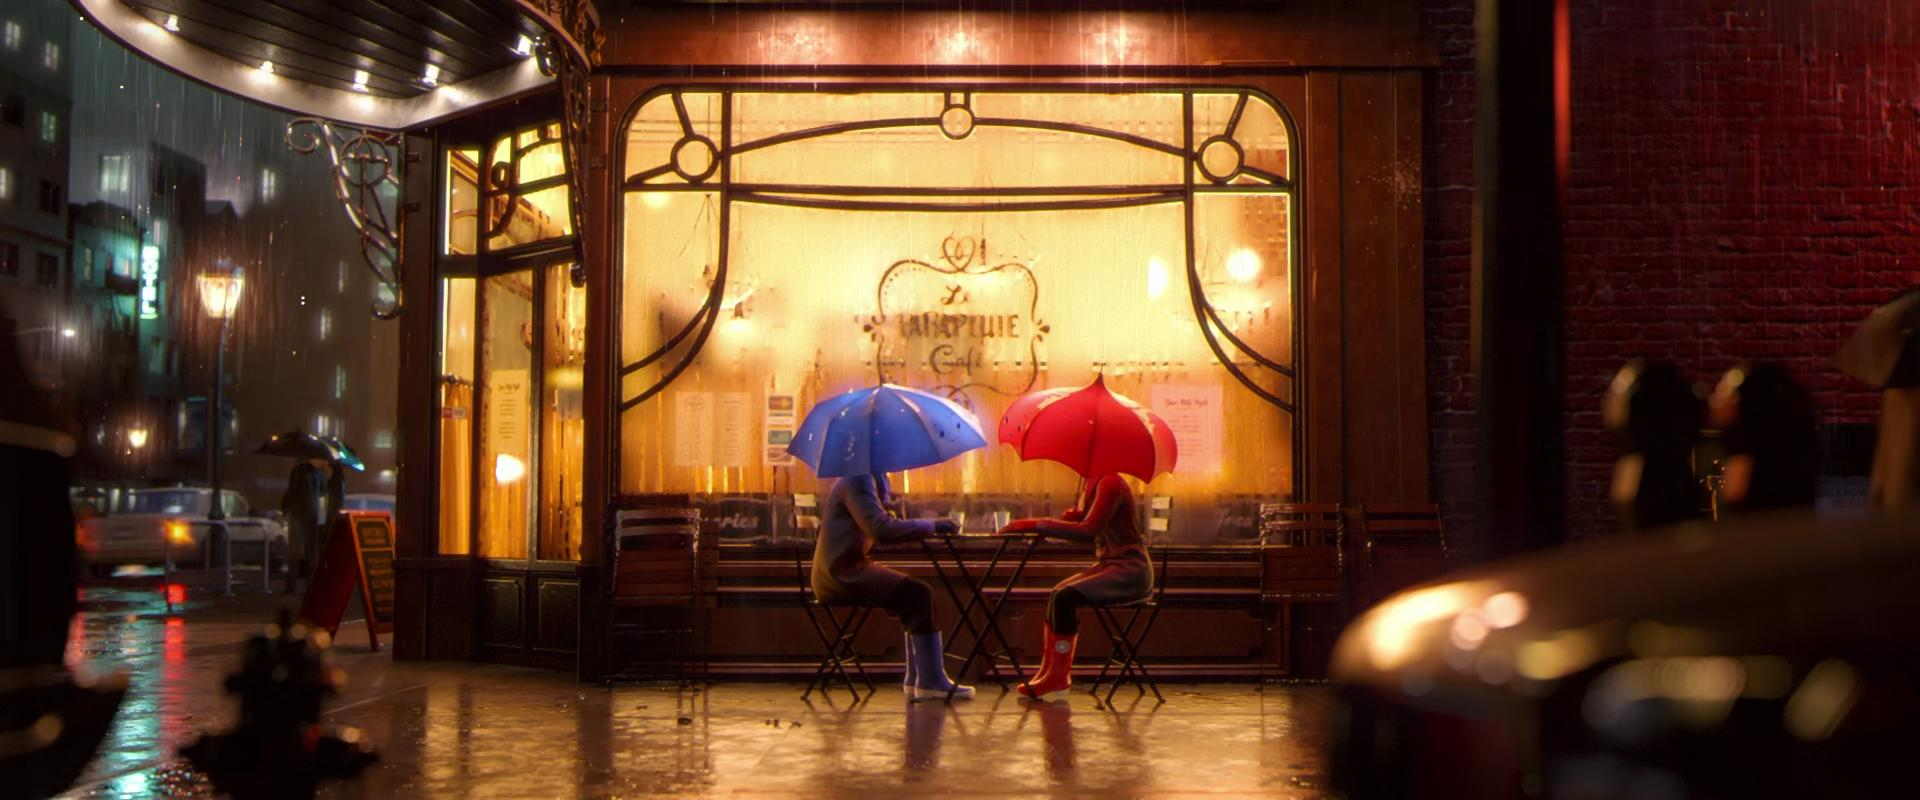 Galerie Le Parapluie Bleu 8